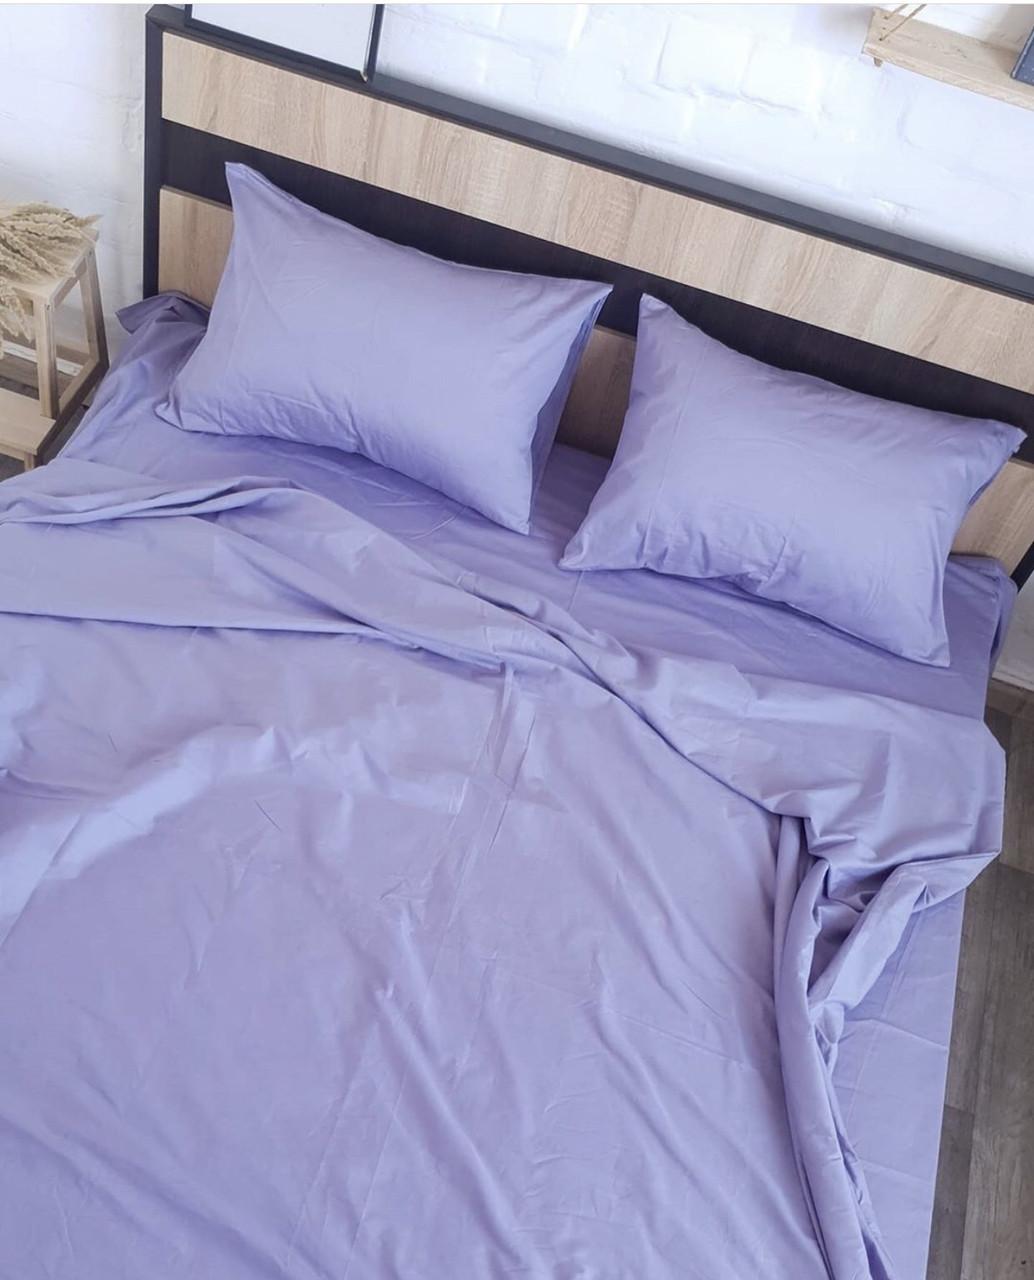 Комплект постельного белья  Бязь GOLD 100% хлопок Сиреневый